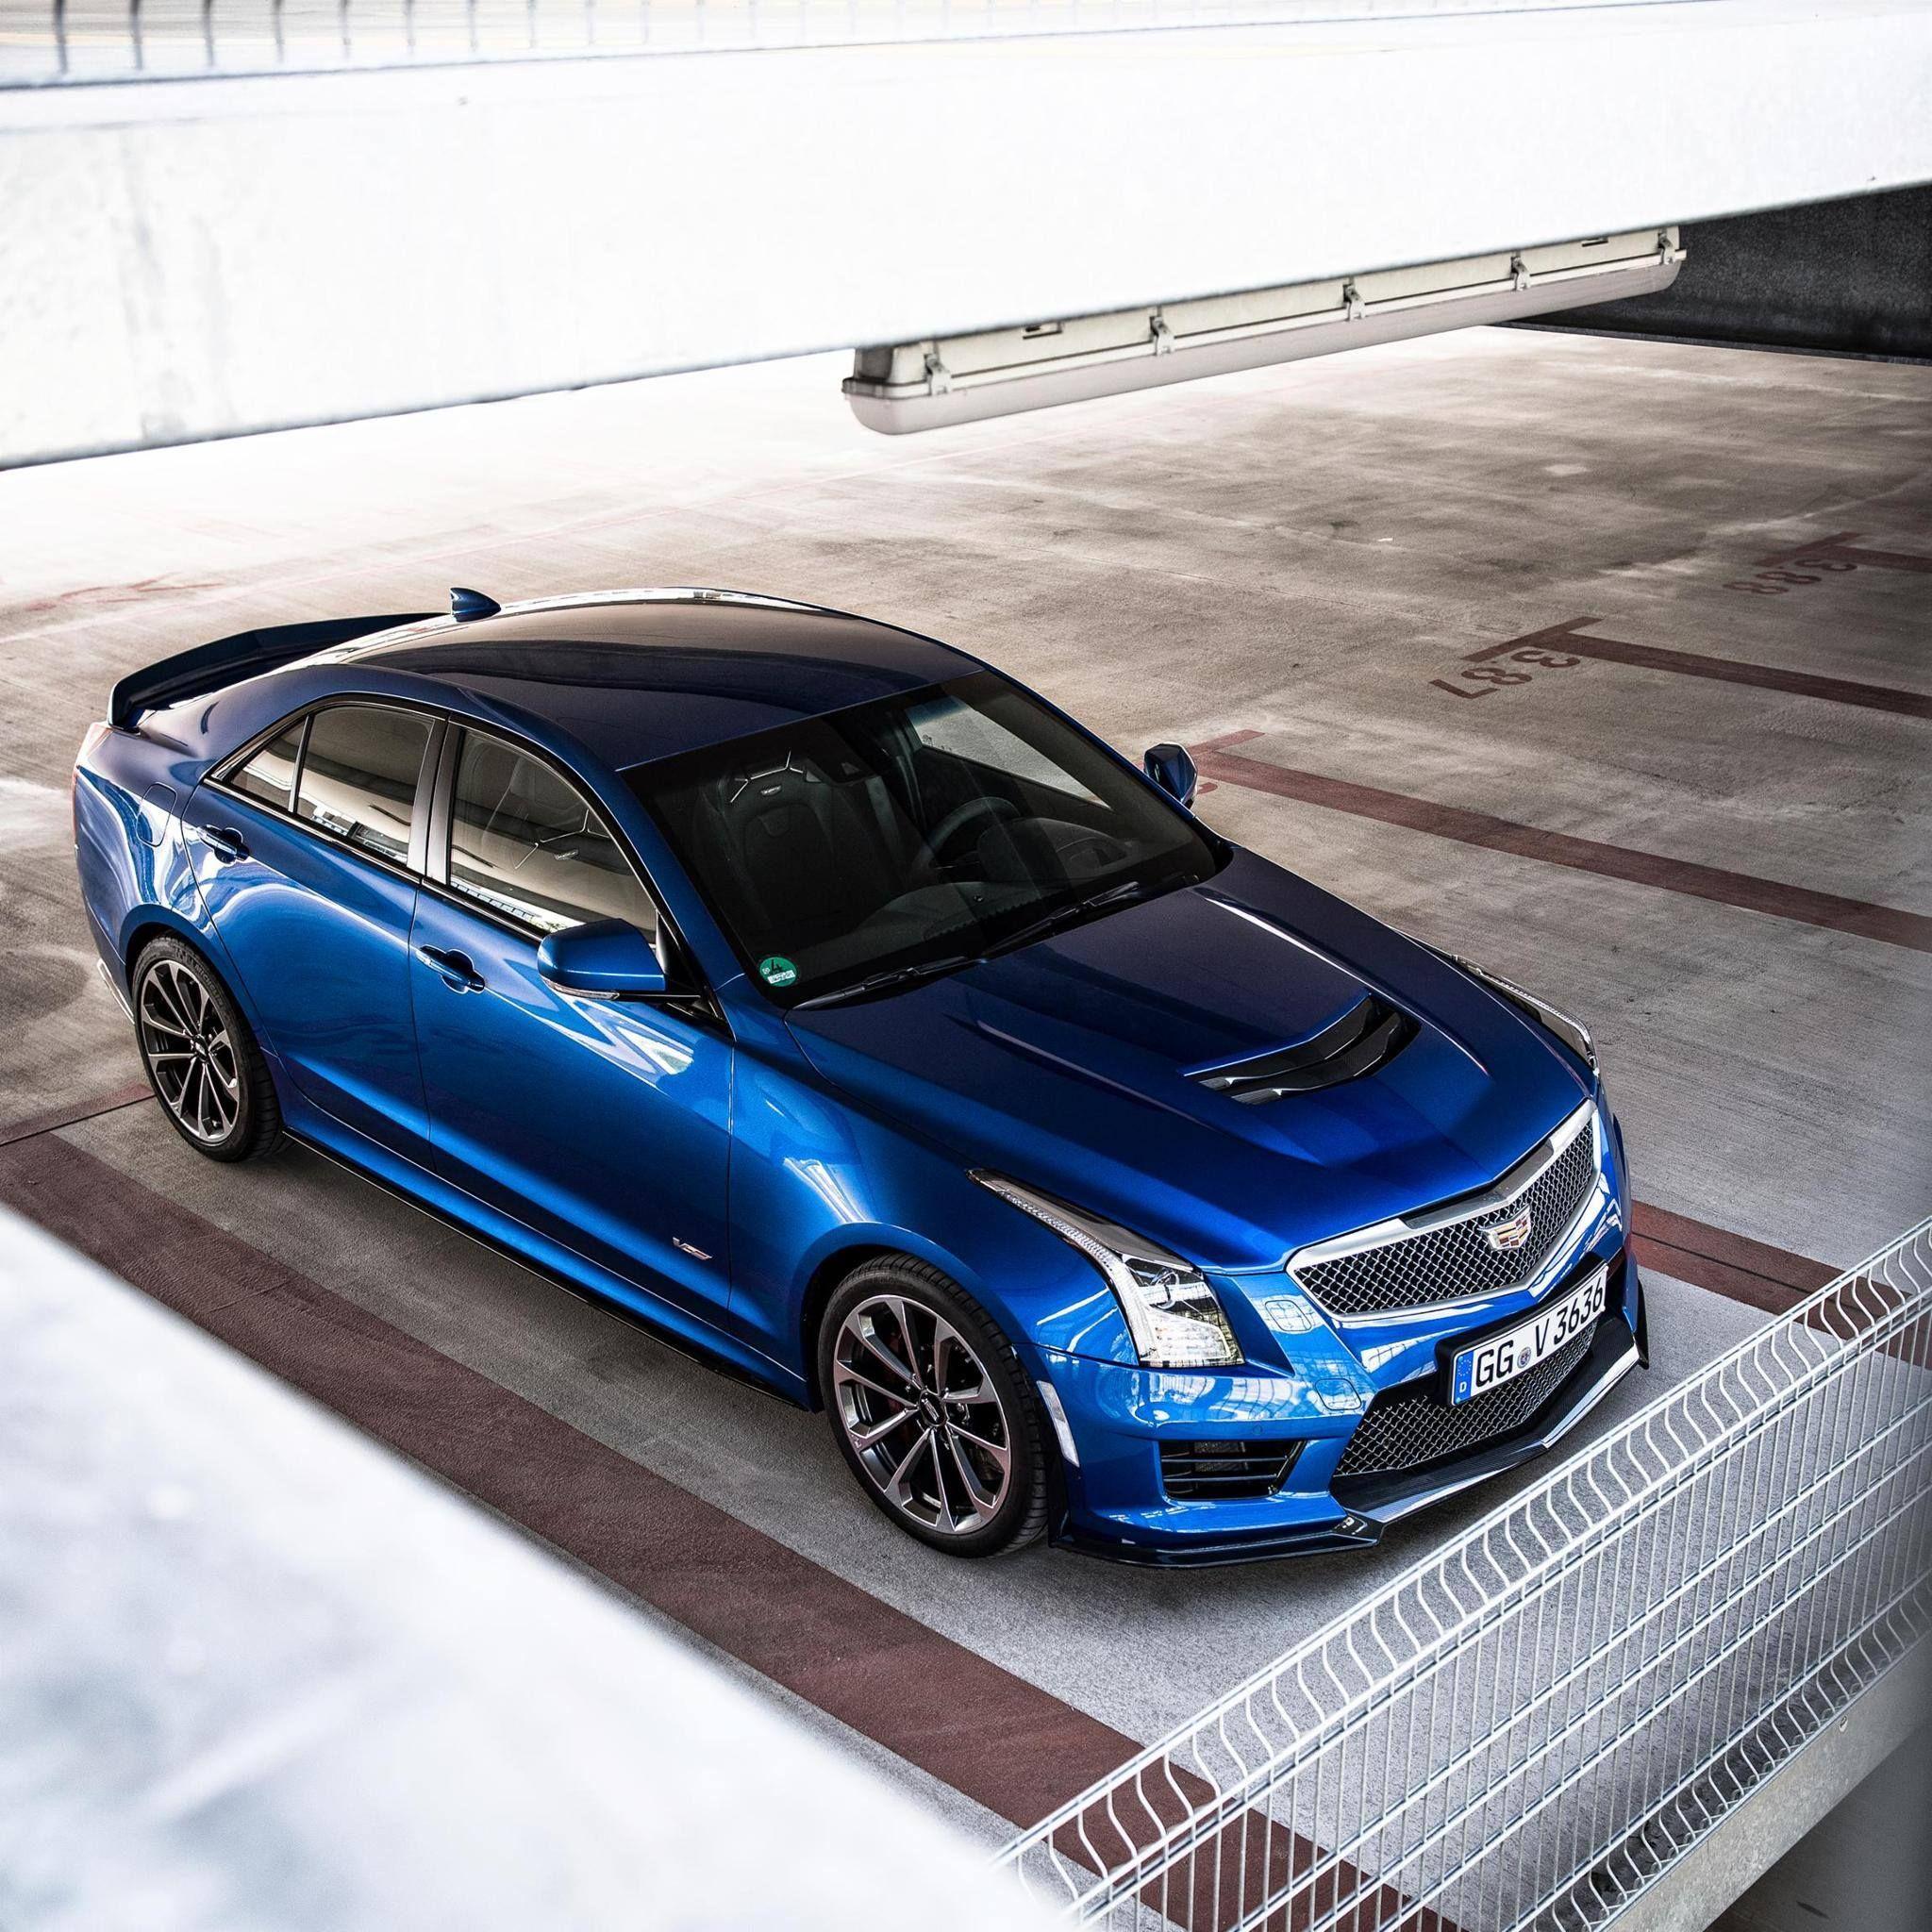 44++ Cadillac ats turbo inspiration